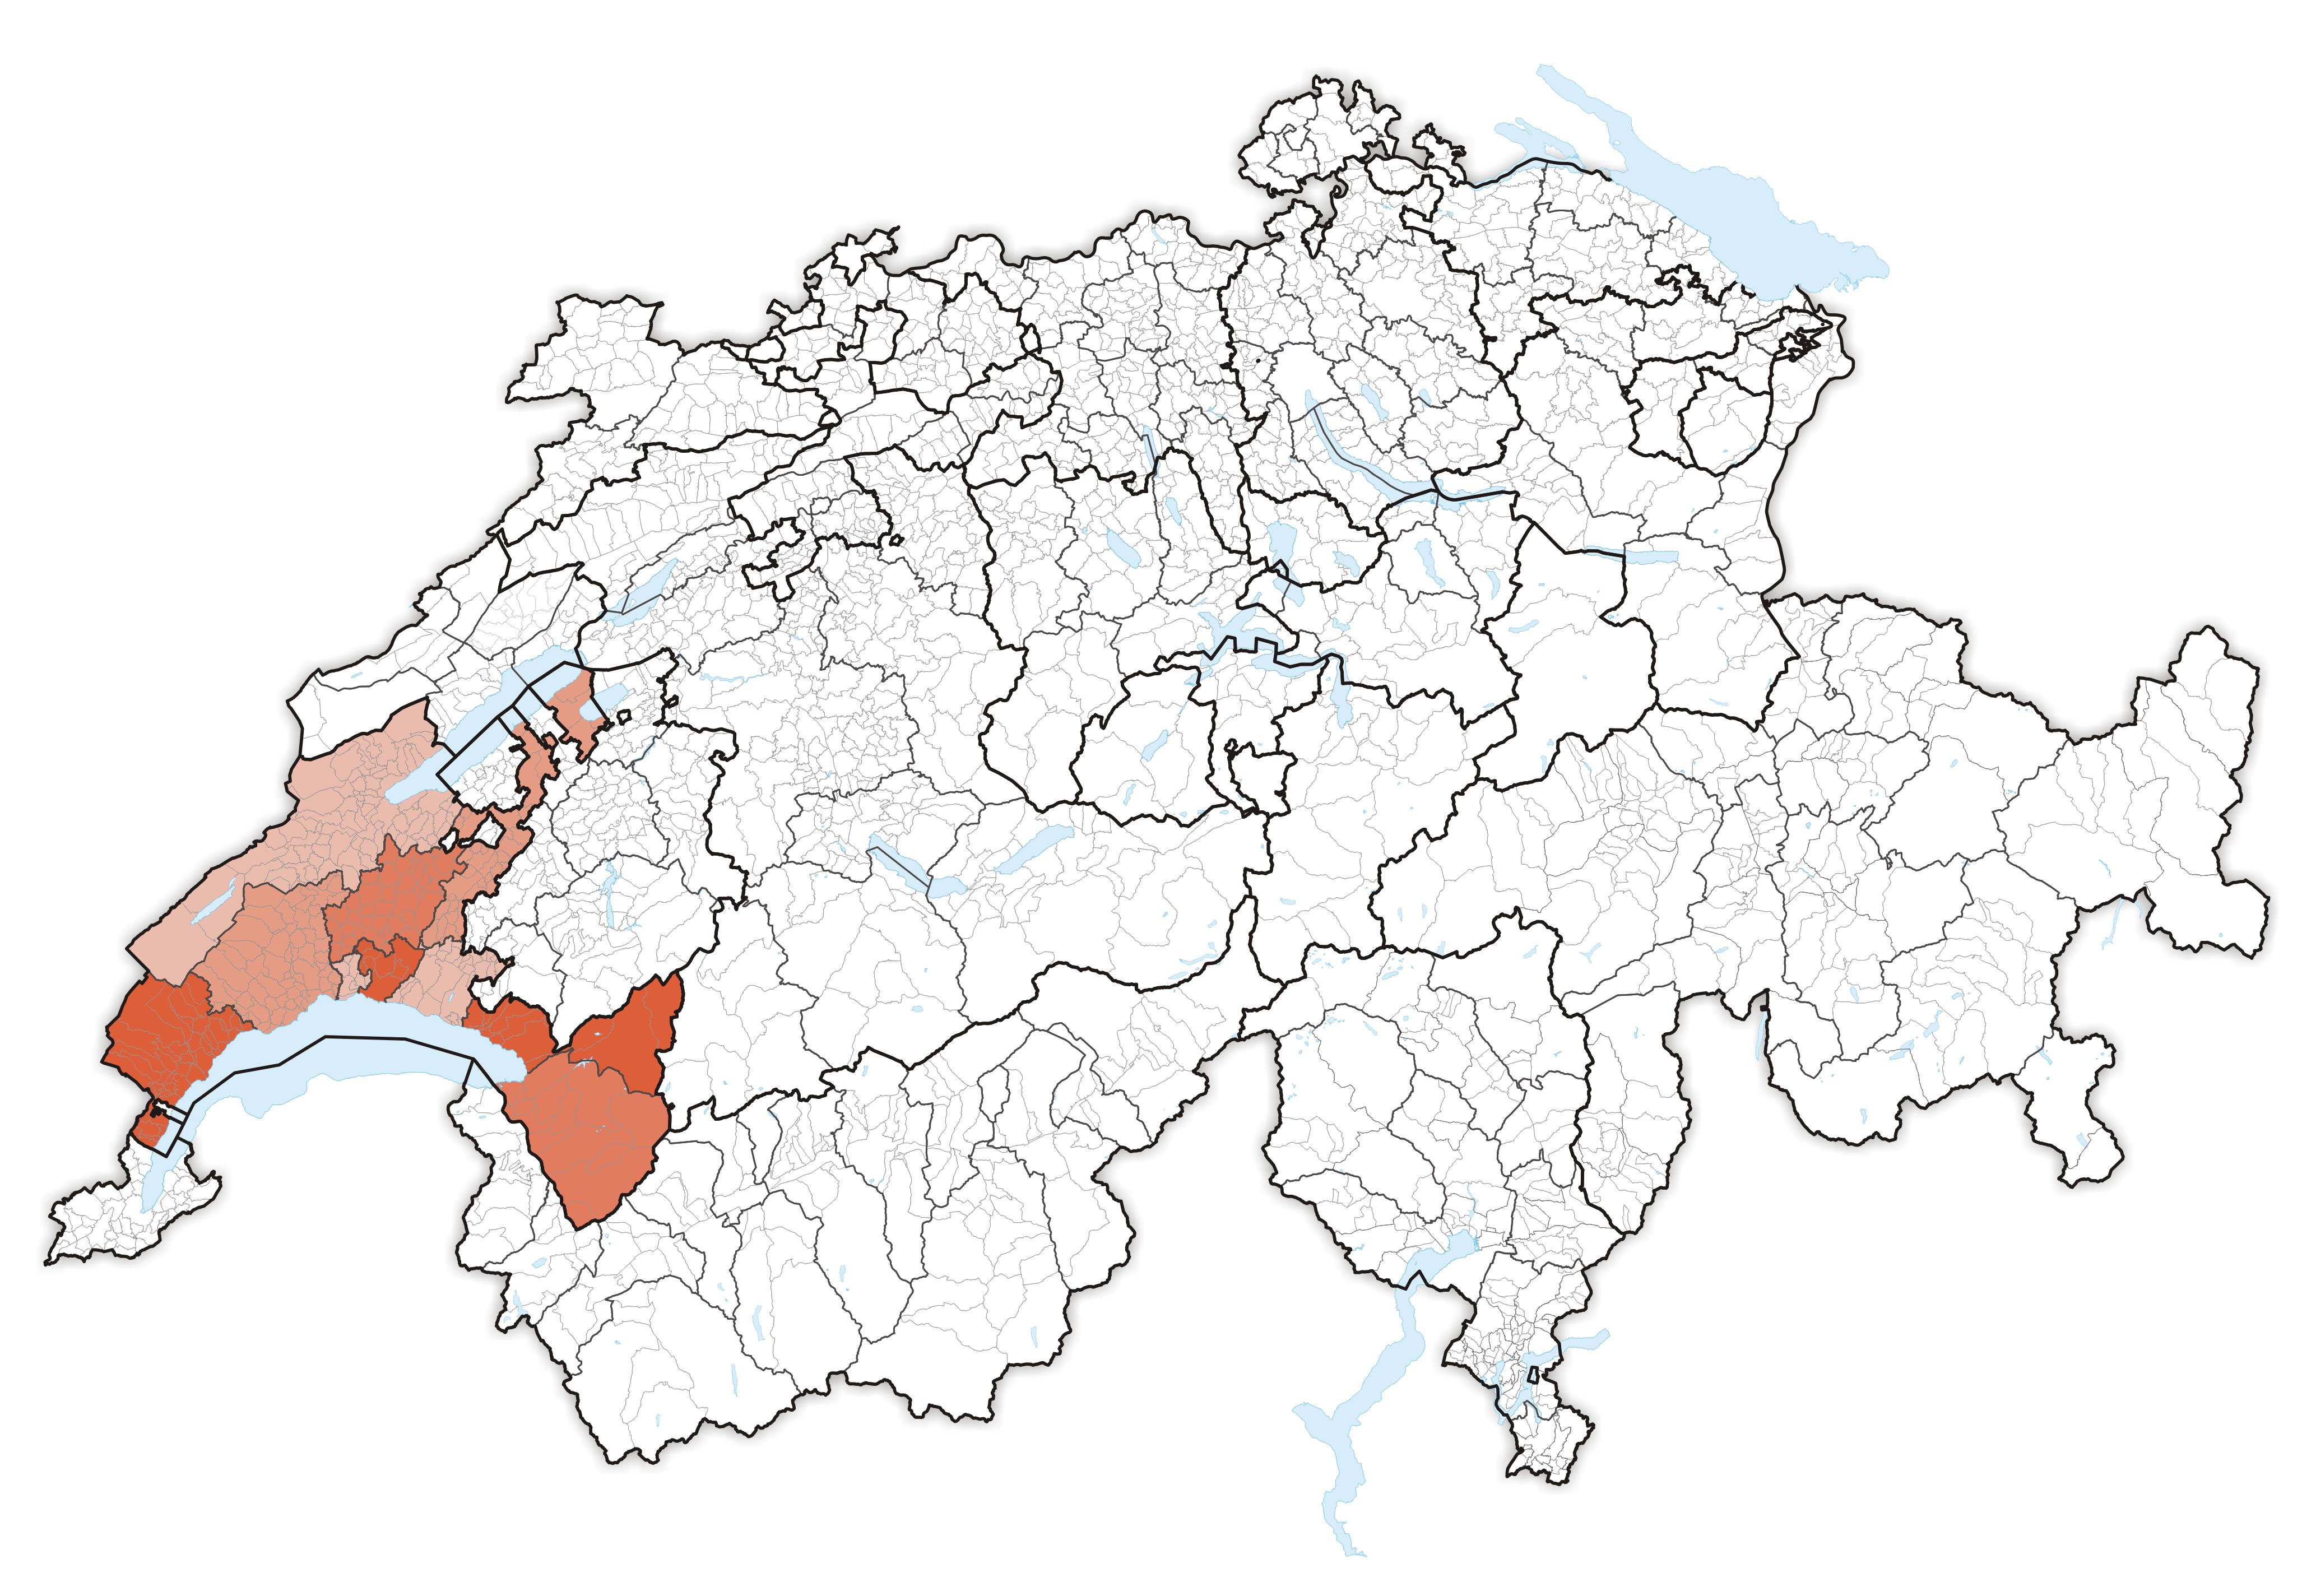 Vaud Familypedia FANDOM powered by Wikia